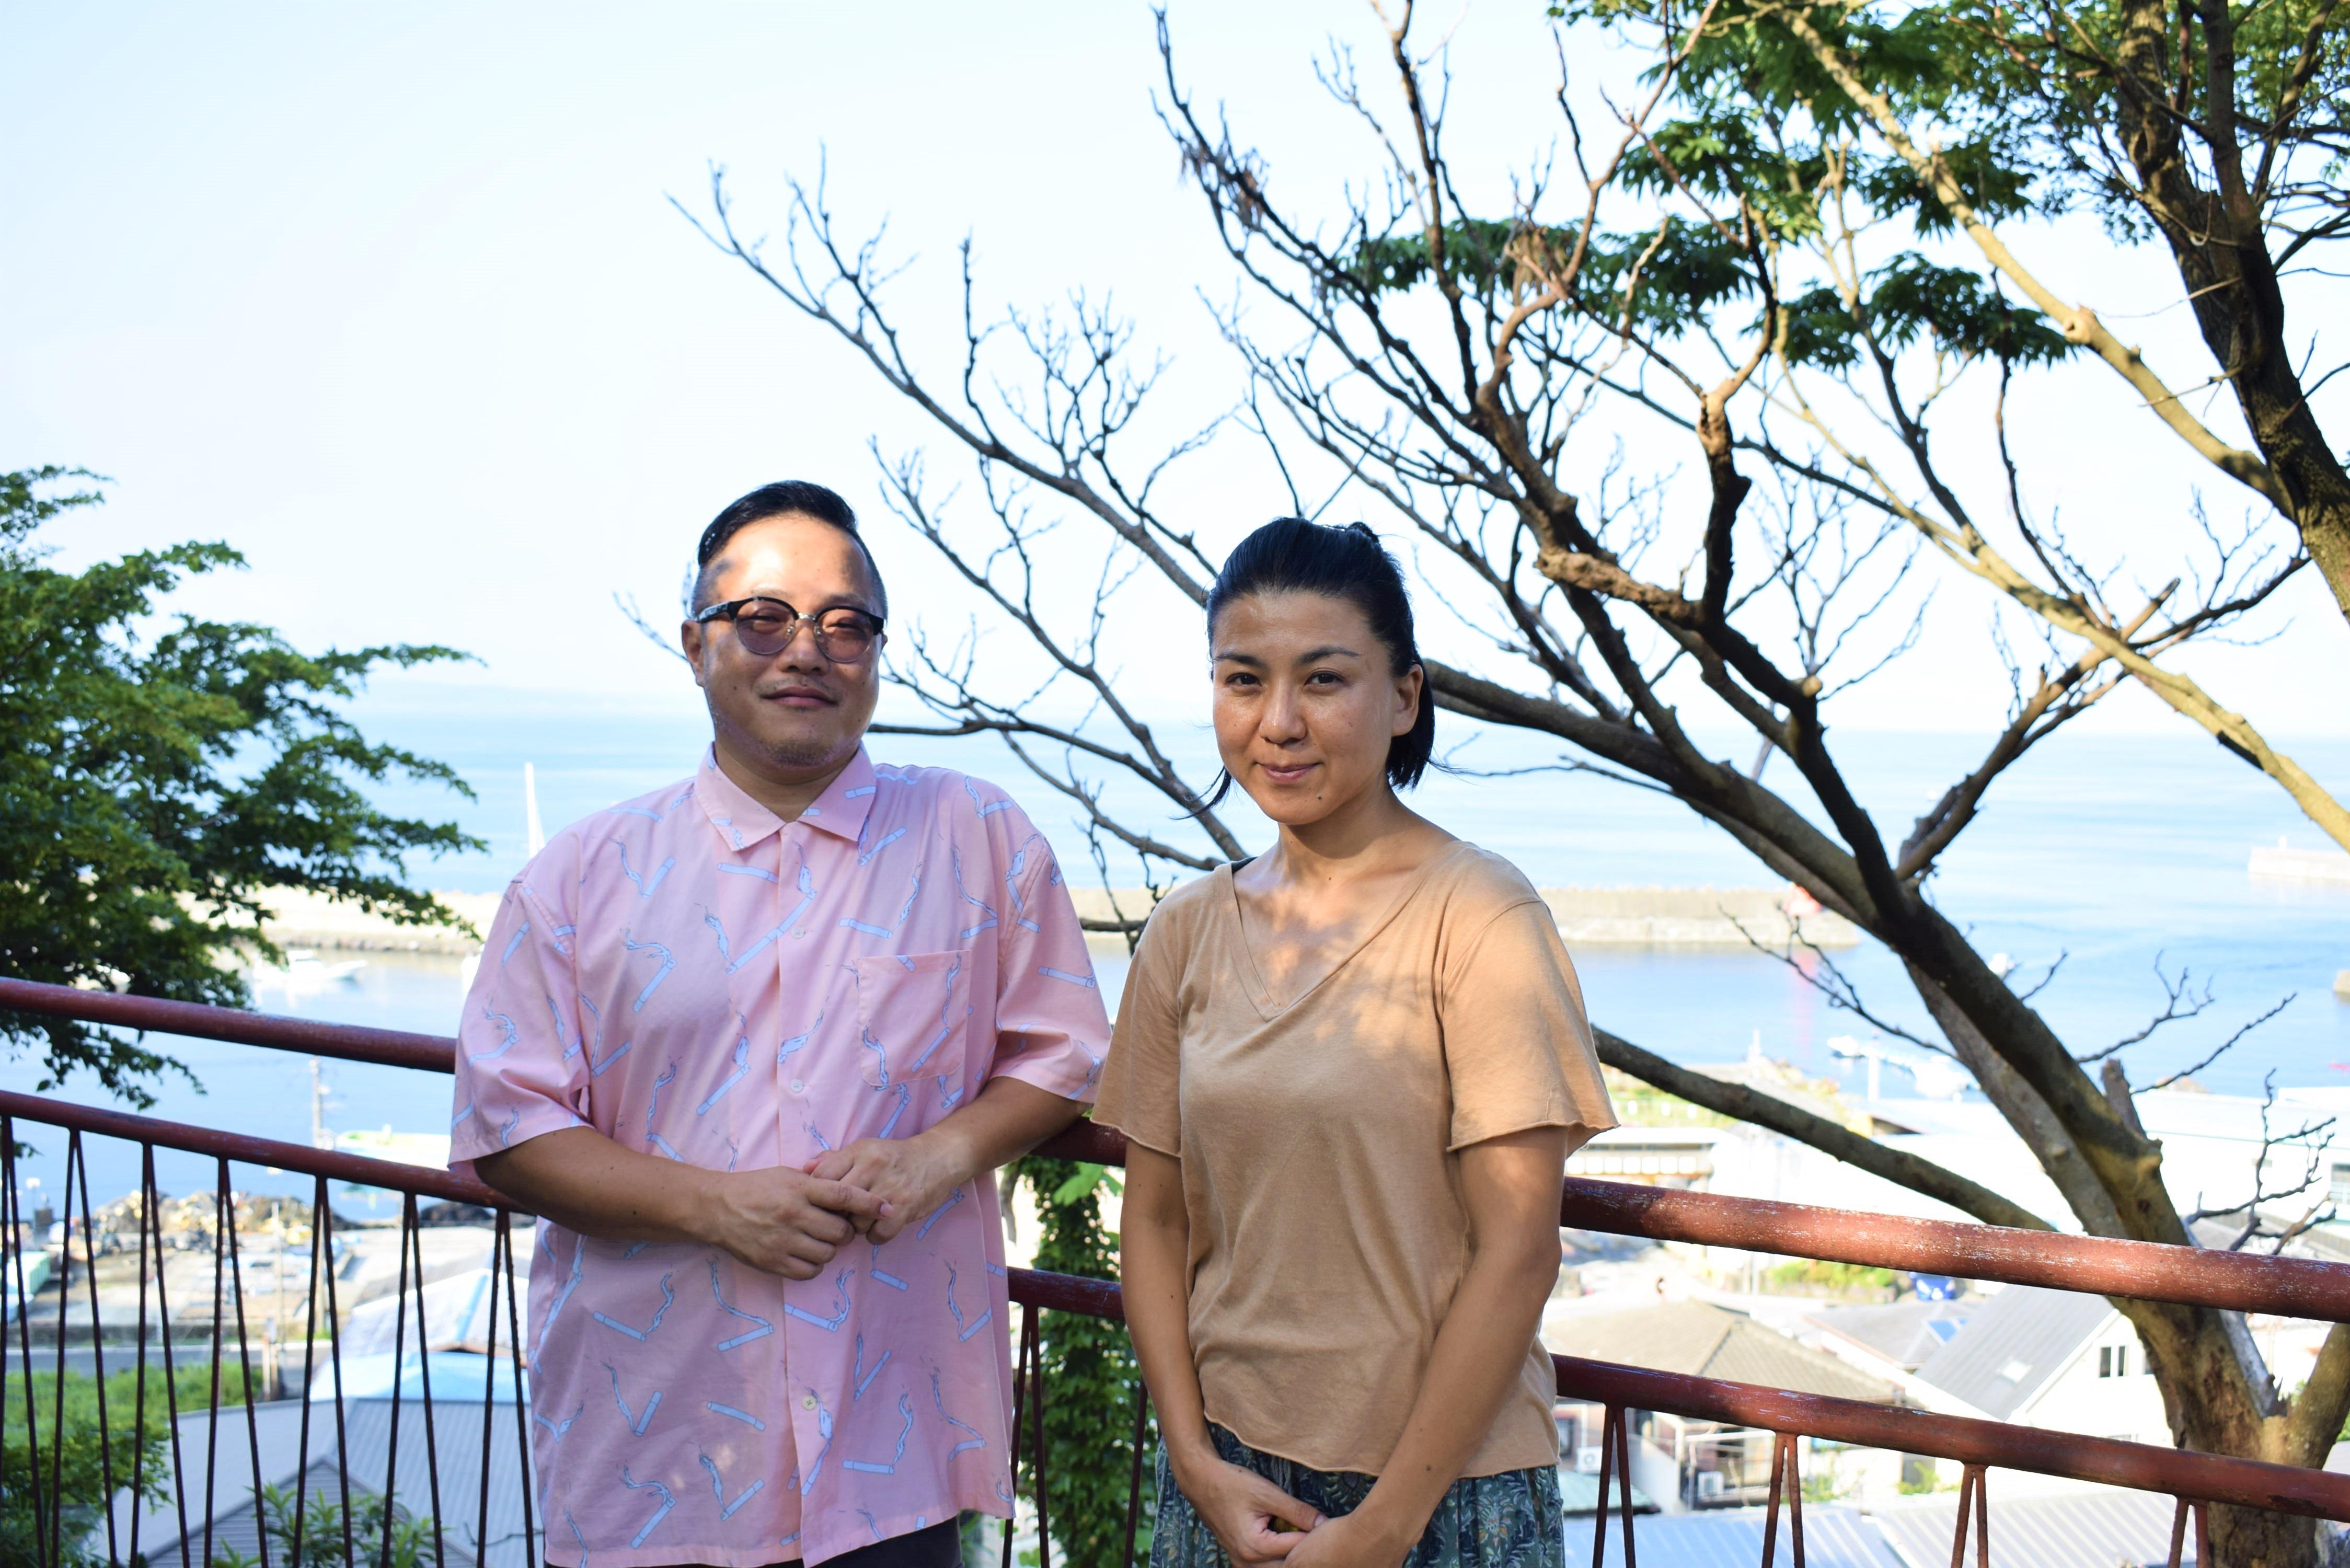 映像作家の松平直之さんと妻の映子さん